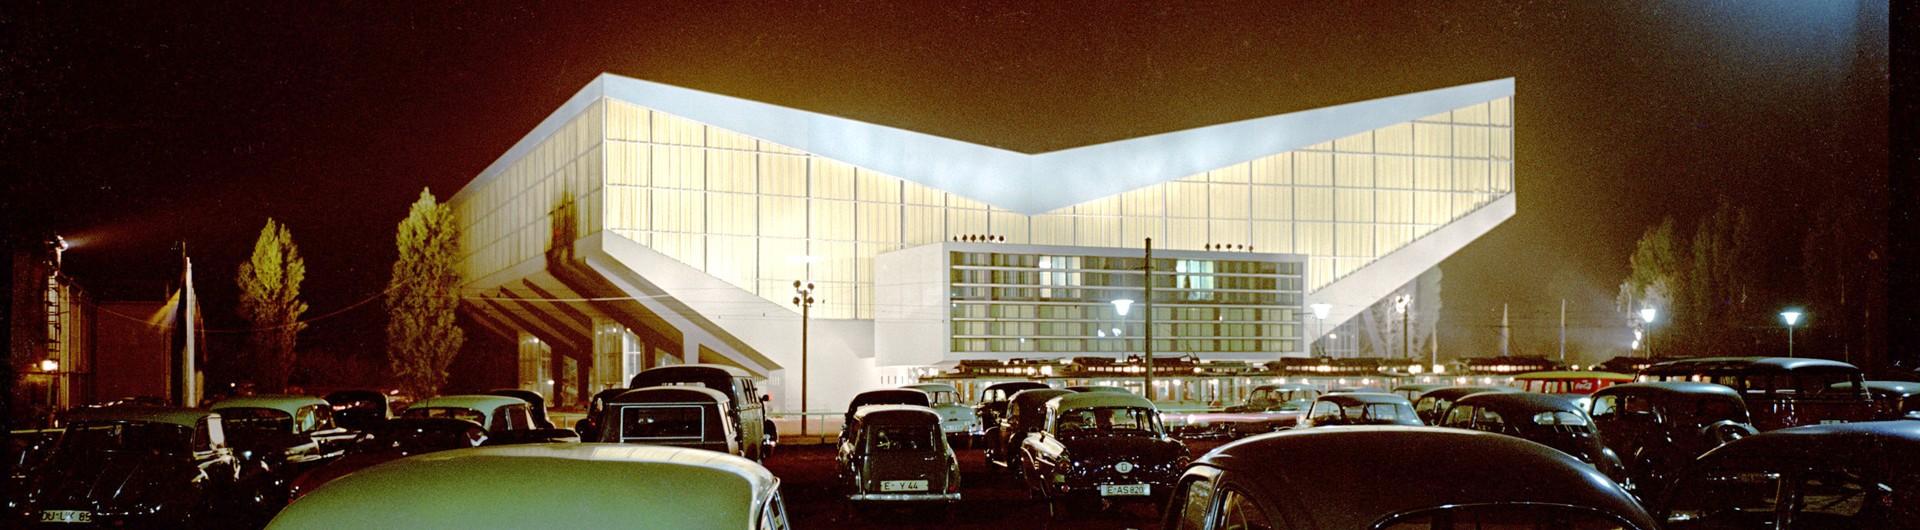 Historisches Bild der Grugahalle